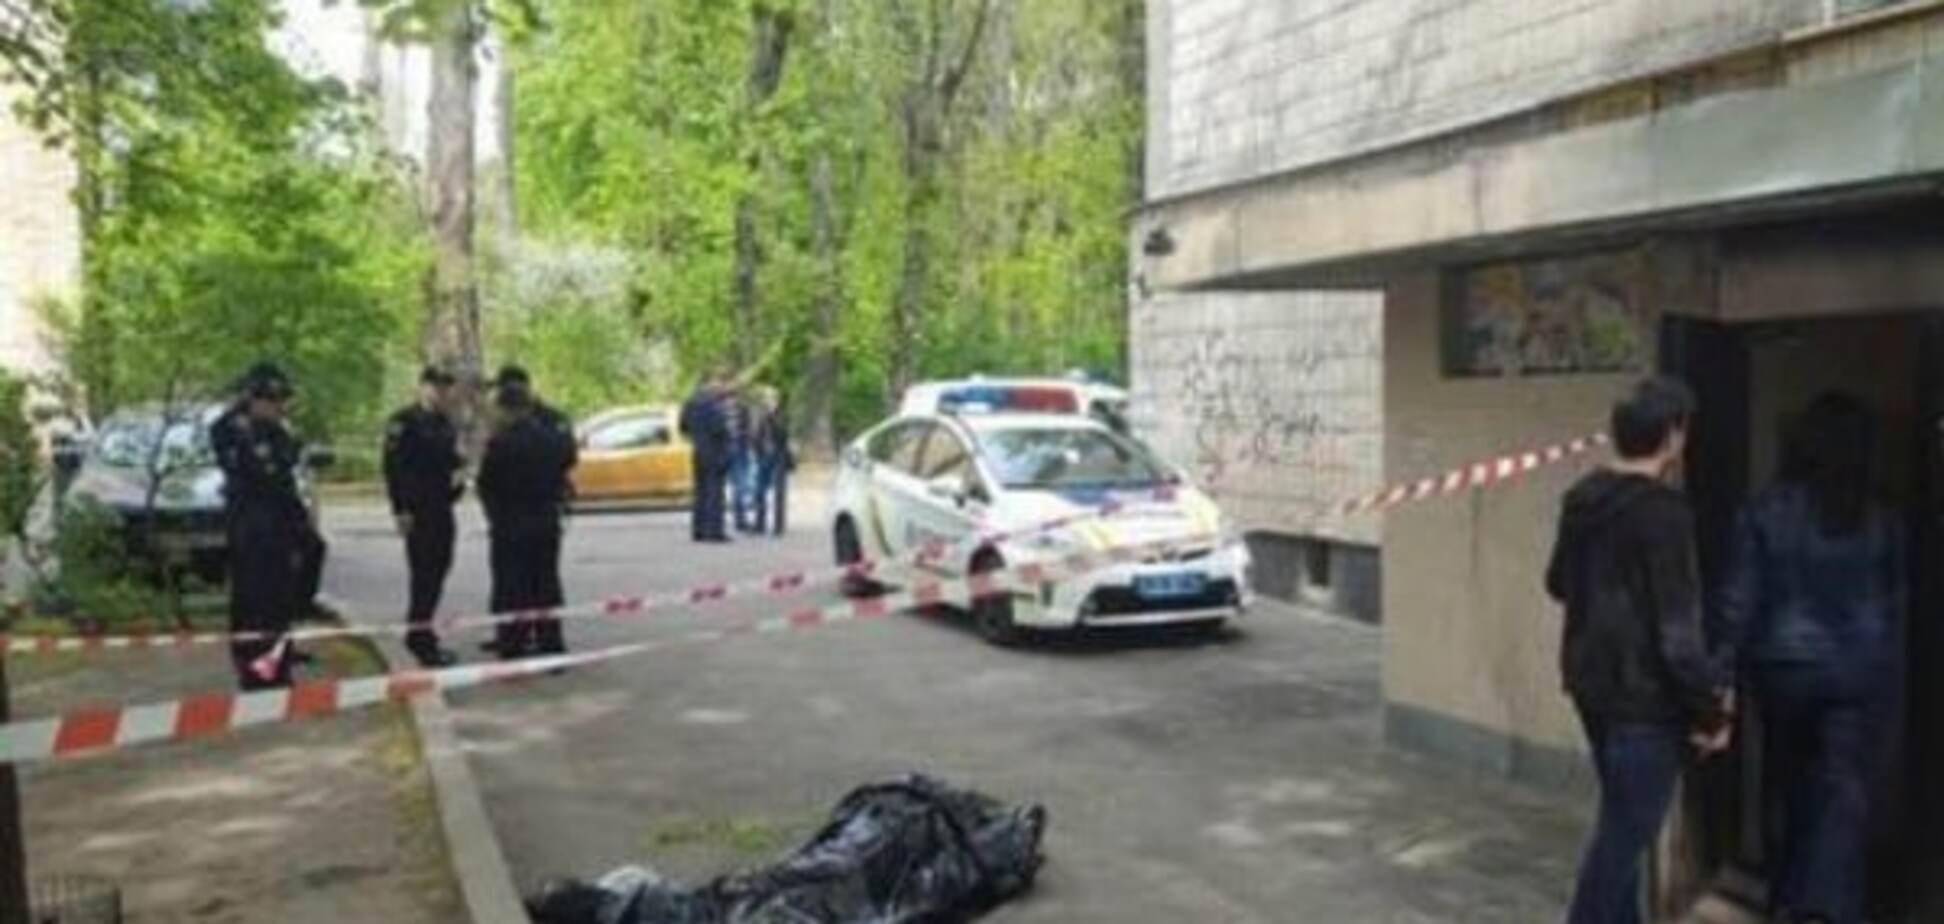 Загибель політолога в Києві: в поліції повідомили подробиці розслідування